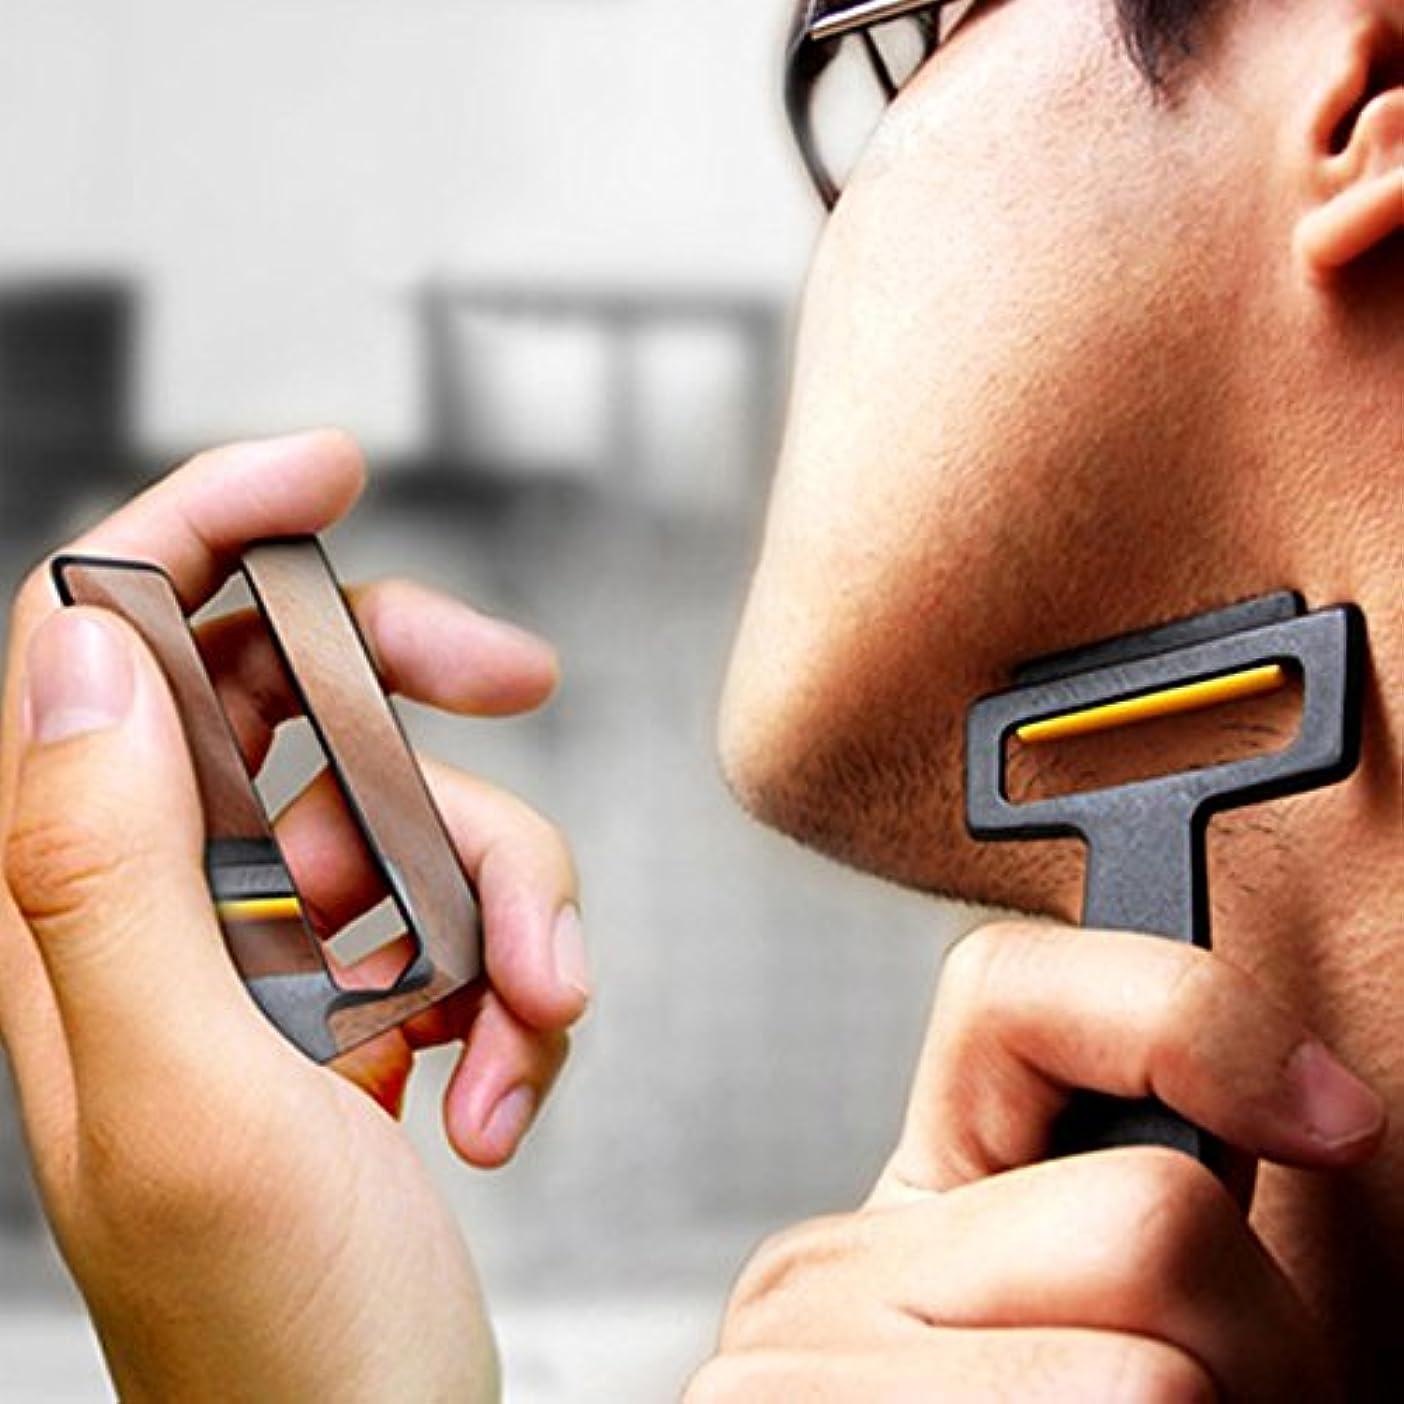 シンジケート照らすほぼPogass Carzor 3 In 1 Card設計された財布ミニかみそりビードポータブルひげ剃りミラースタンドキット